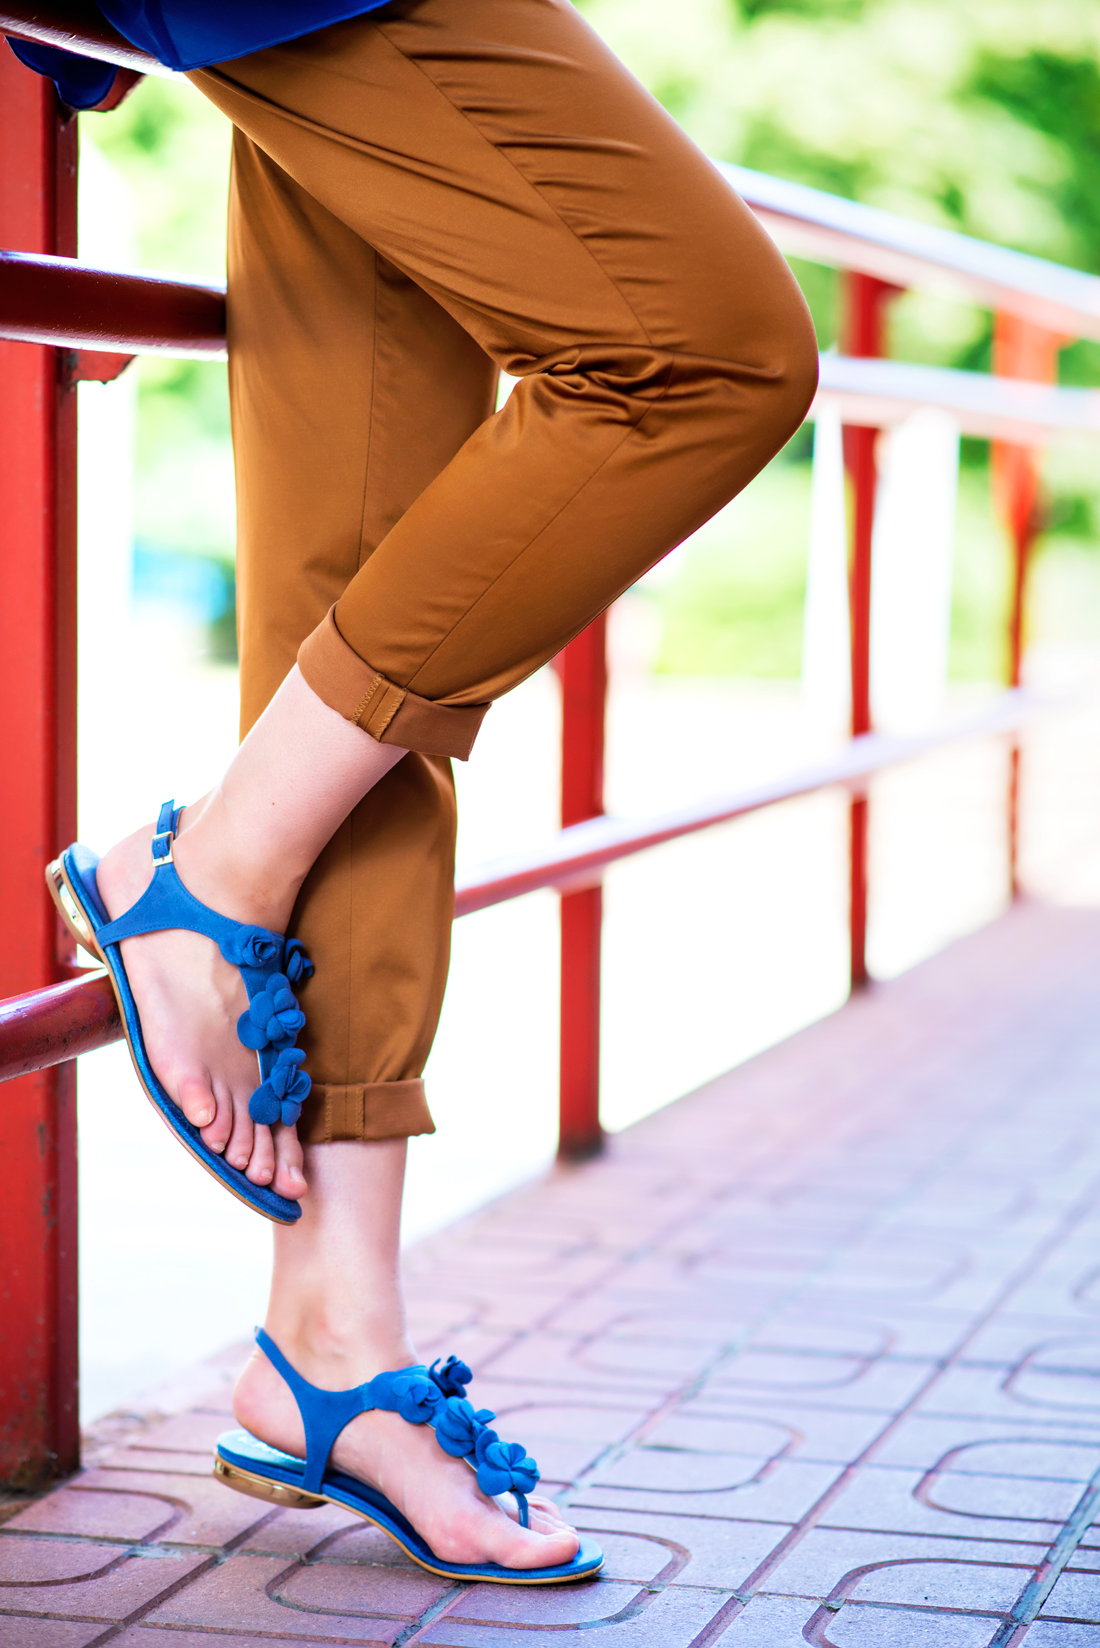 INŠPIRÁCIA NA JAR/LETO 2018 ALEBO AKO NOSIŤ KLOBÚK_Katharine-fashion is beautiful_Blog 4_Slamený klobúk Parfois_Slamená listová kabelka_OOTD_Katarína Jakubčová_Fashion blogger